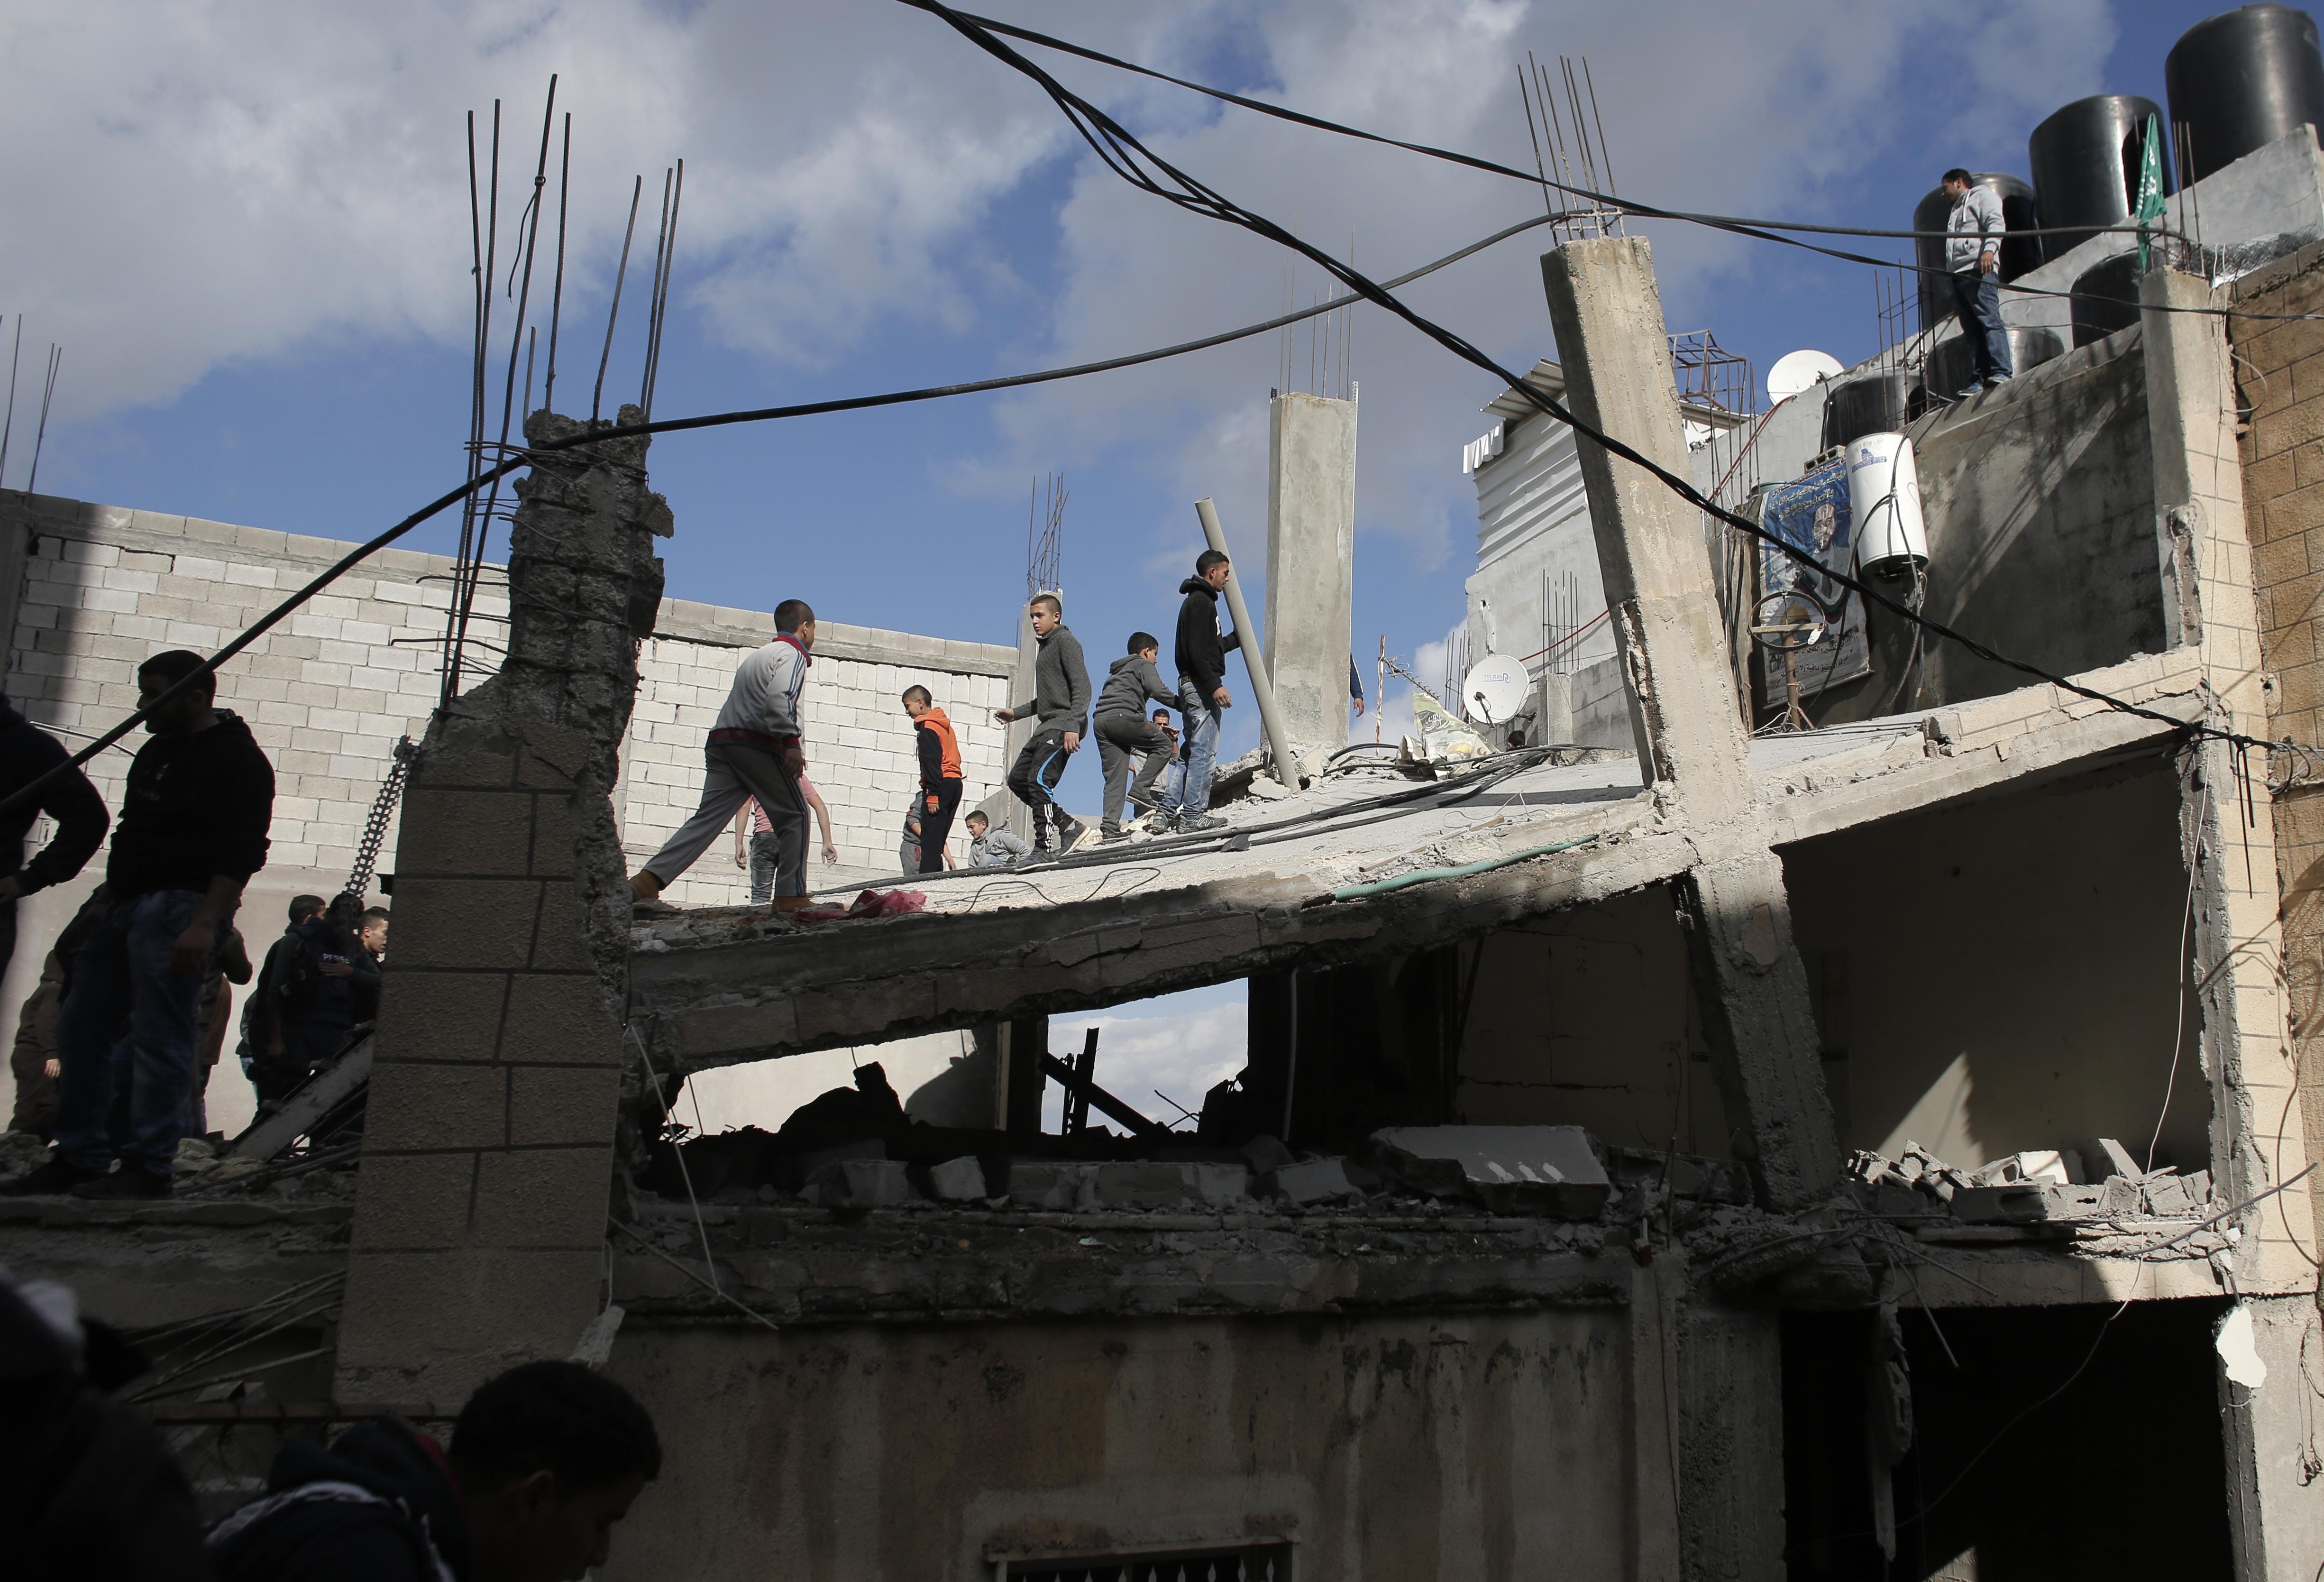 منزل العكاري بعد أن هدمته السلطات الإسرائيلية